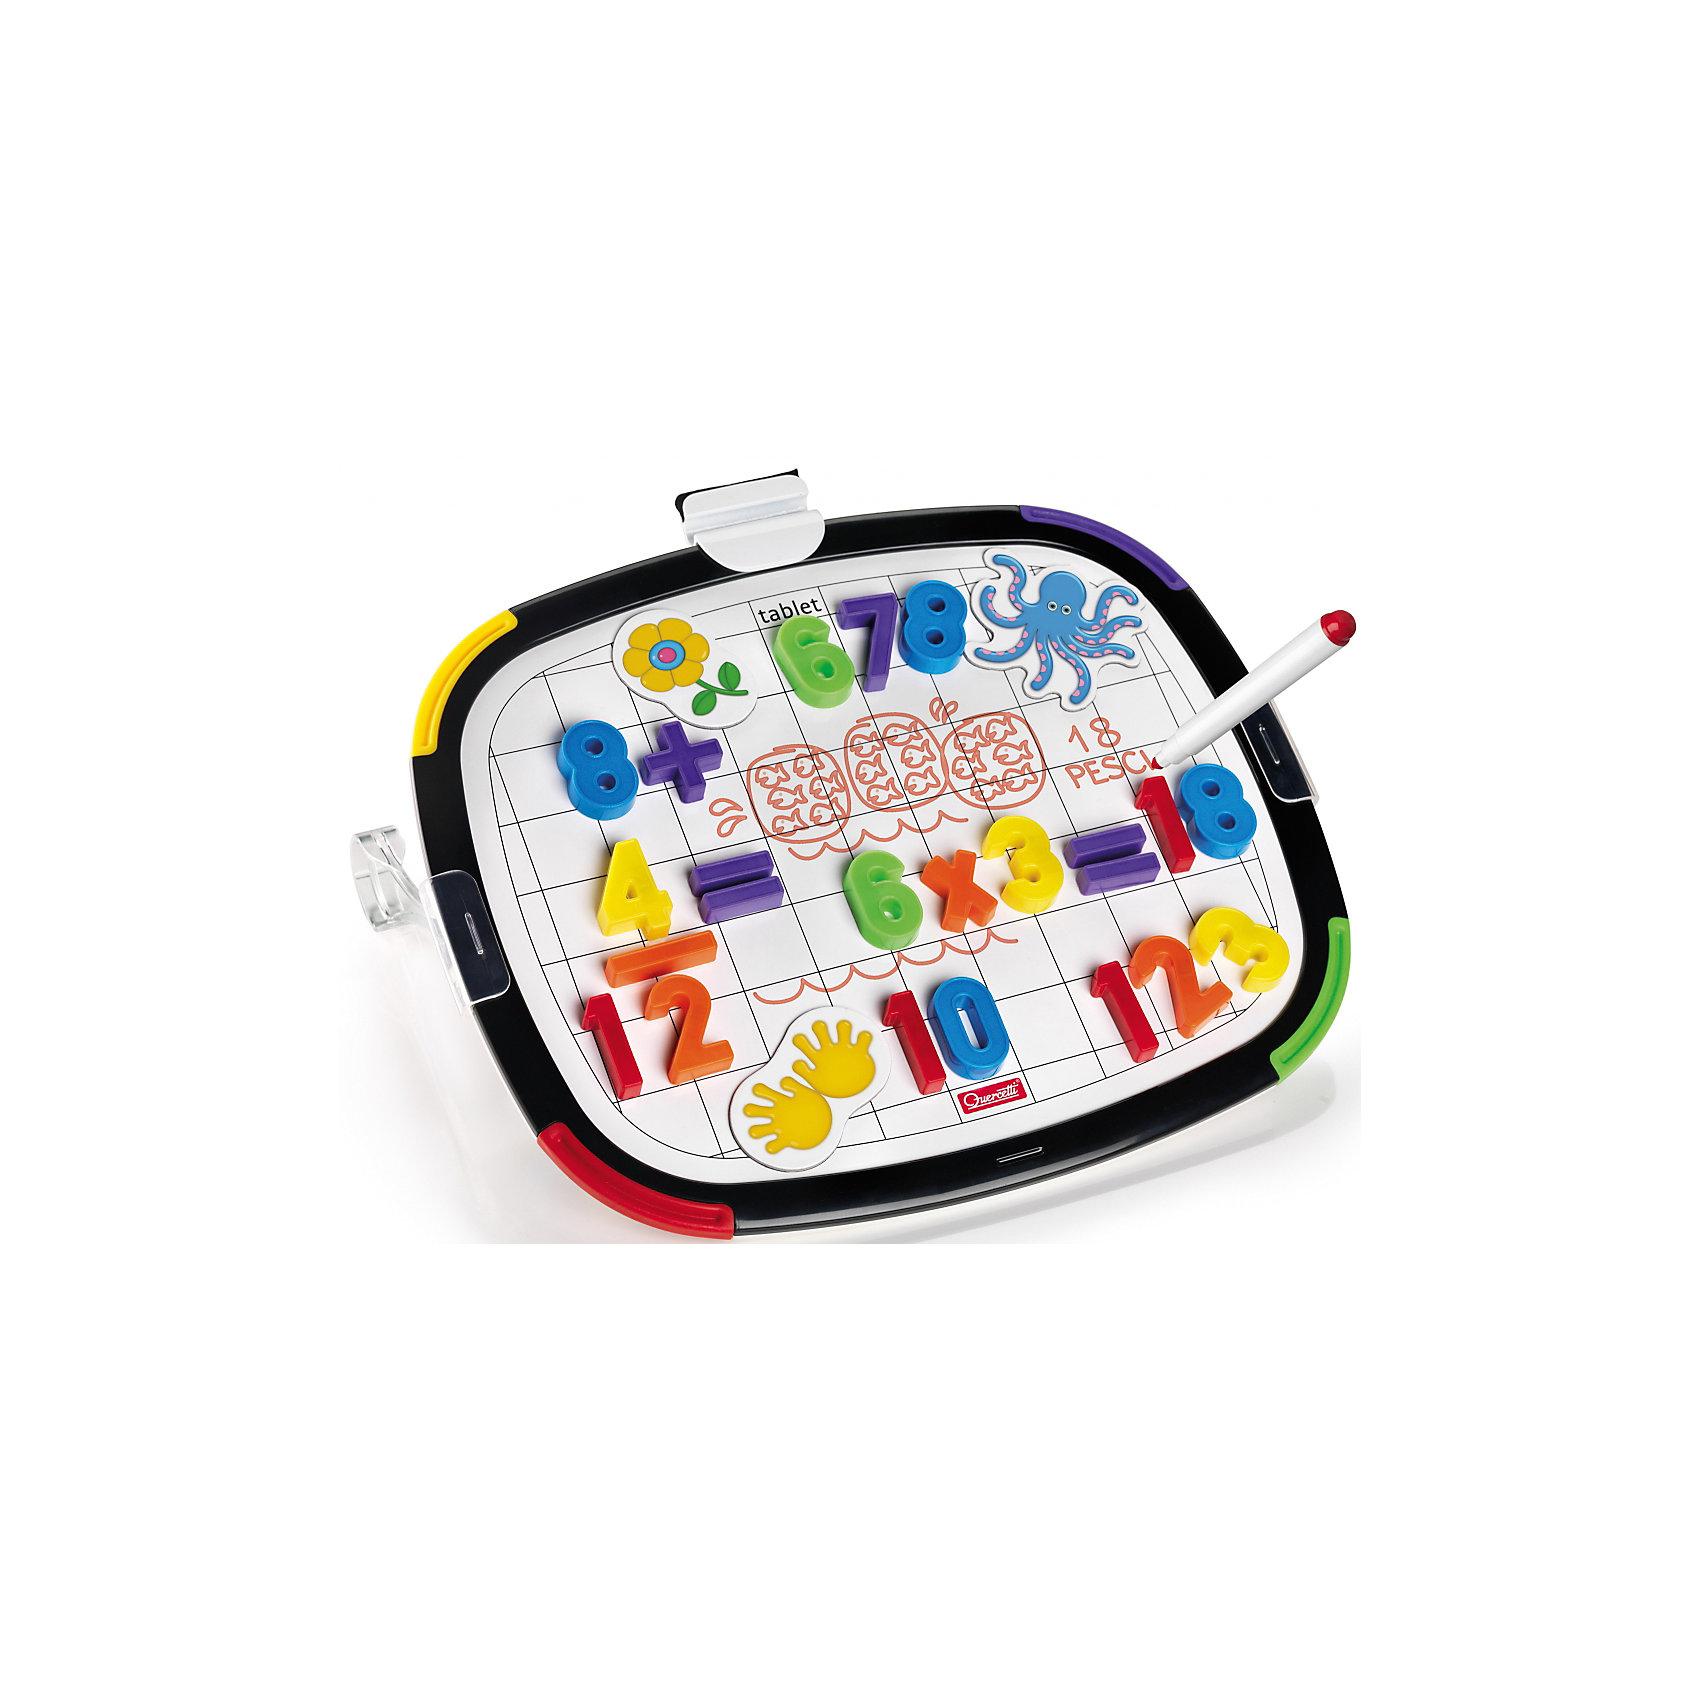 Магнитная доска из 48 элементов и 10 карточек, QuercettiИгры для дошкольников<br>Магнитная доска из 48 элементов и 10 карточек, Quercetti (Кверсетти).<br><br>Характеристики:<br><br>- В наборе: двусторонняя магнитная доска, 48 различных цифр и математических знаков, 10 магнитных карточек, маркер для рисования, губка для стирания маркера, 2 подставки для доски<br>- Размер доски: 32 х 28 х 9,9 см.<br>- Материал: высококачественный пластик<br>- Упаковка: картонная коробка с ручкой<br>- Размер упаковки: 39 х 29 х 6 см.<br>- Вес: 1390 гр.<br><br>Двусторонняя магнитная доска Quercetti (Кверсетти) позволит вашему малышу в игровой форме изучить математику. Яркие магнитики с животными, разноцветные цифры и математические знаки подарят веселья во время выполнения упражнений на сложение, вычитание и деление. На другой стороне доски – белая поверхность с крупной клеткой, на которой ребенок сможет писать и рисовать маркером. Магнитная доска со скругленными углами изготовлена из высококачественного пластика, углы защищены от падения цветными резиновыми вставками.<br><br>Магнитную доску из 48 элементов и 10 карточек, Quercetti (Кверсетти) можно купить в нашем интернет-магазине.<br><br>Ширина мм: 390<br>Глубина мм: 60<br>Высота мм: 290<br>Вес г: 1128<br>Возраст от месяцев: 48<br>Возраст до месяцев: 2147483647<br>Пол: Унисекс<br>Возраст: Детский<br>SKU: 5140071